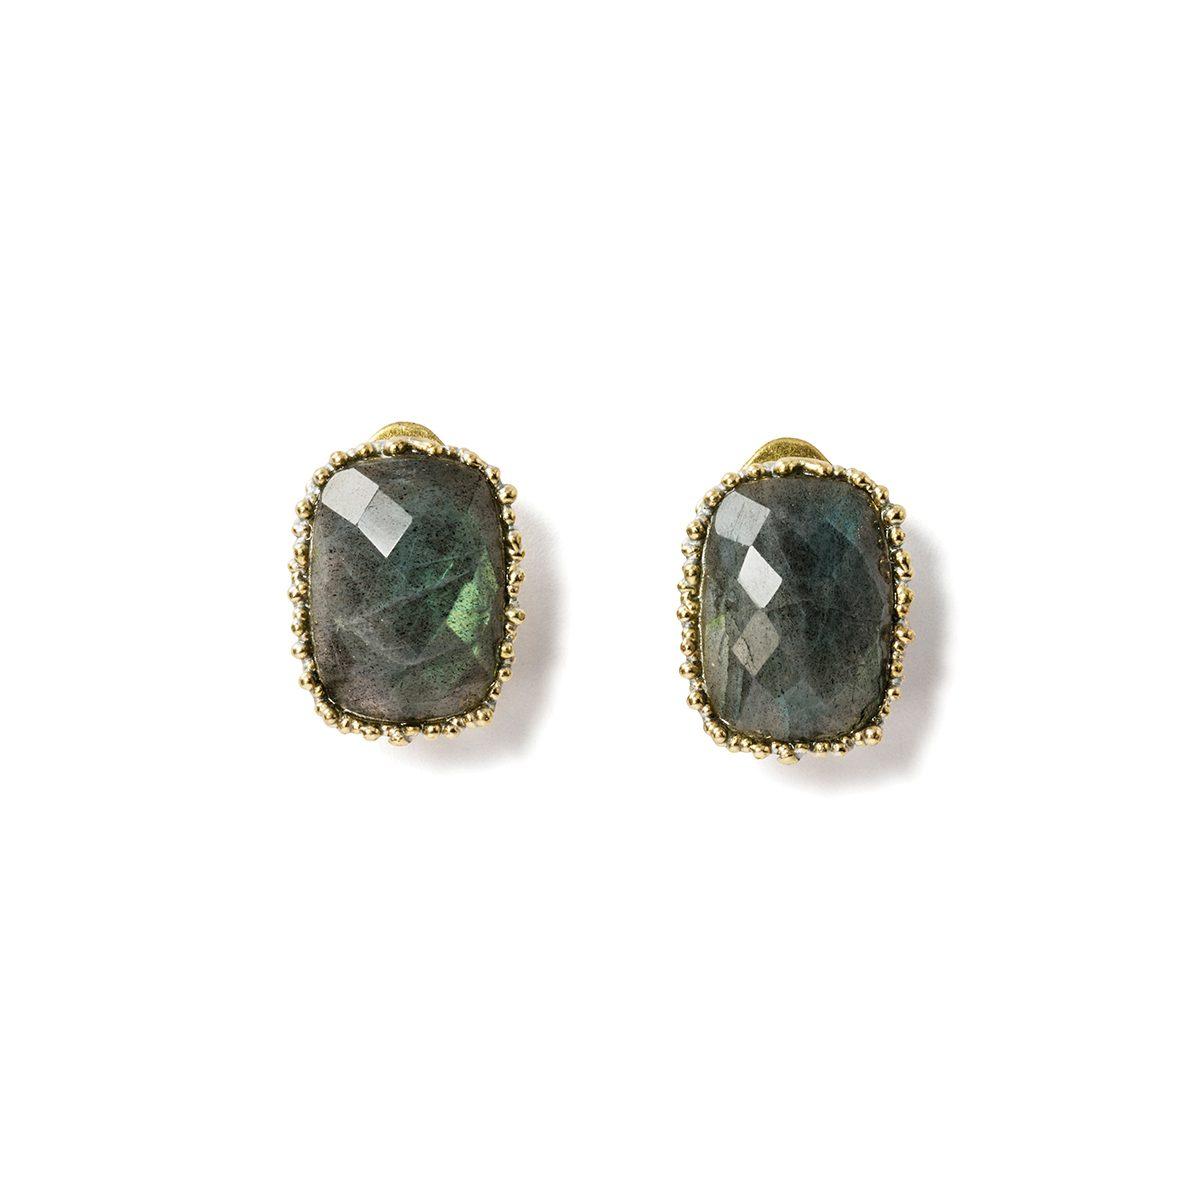 DANIELA DE MARCHI|Earrings